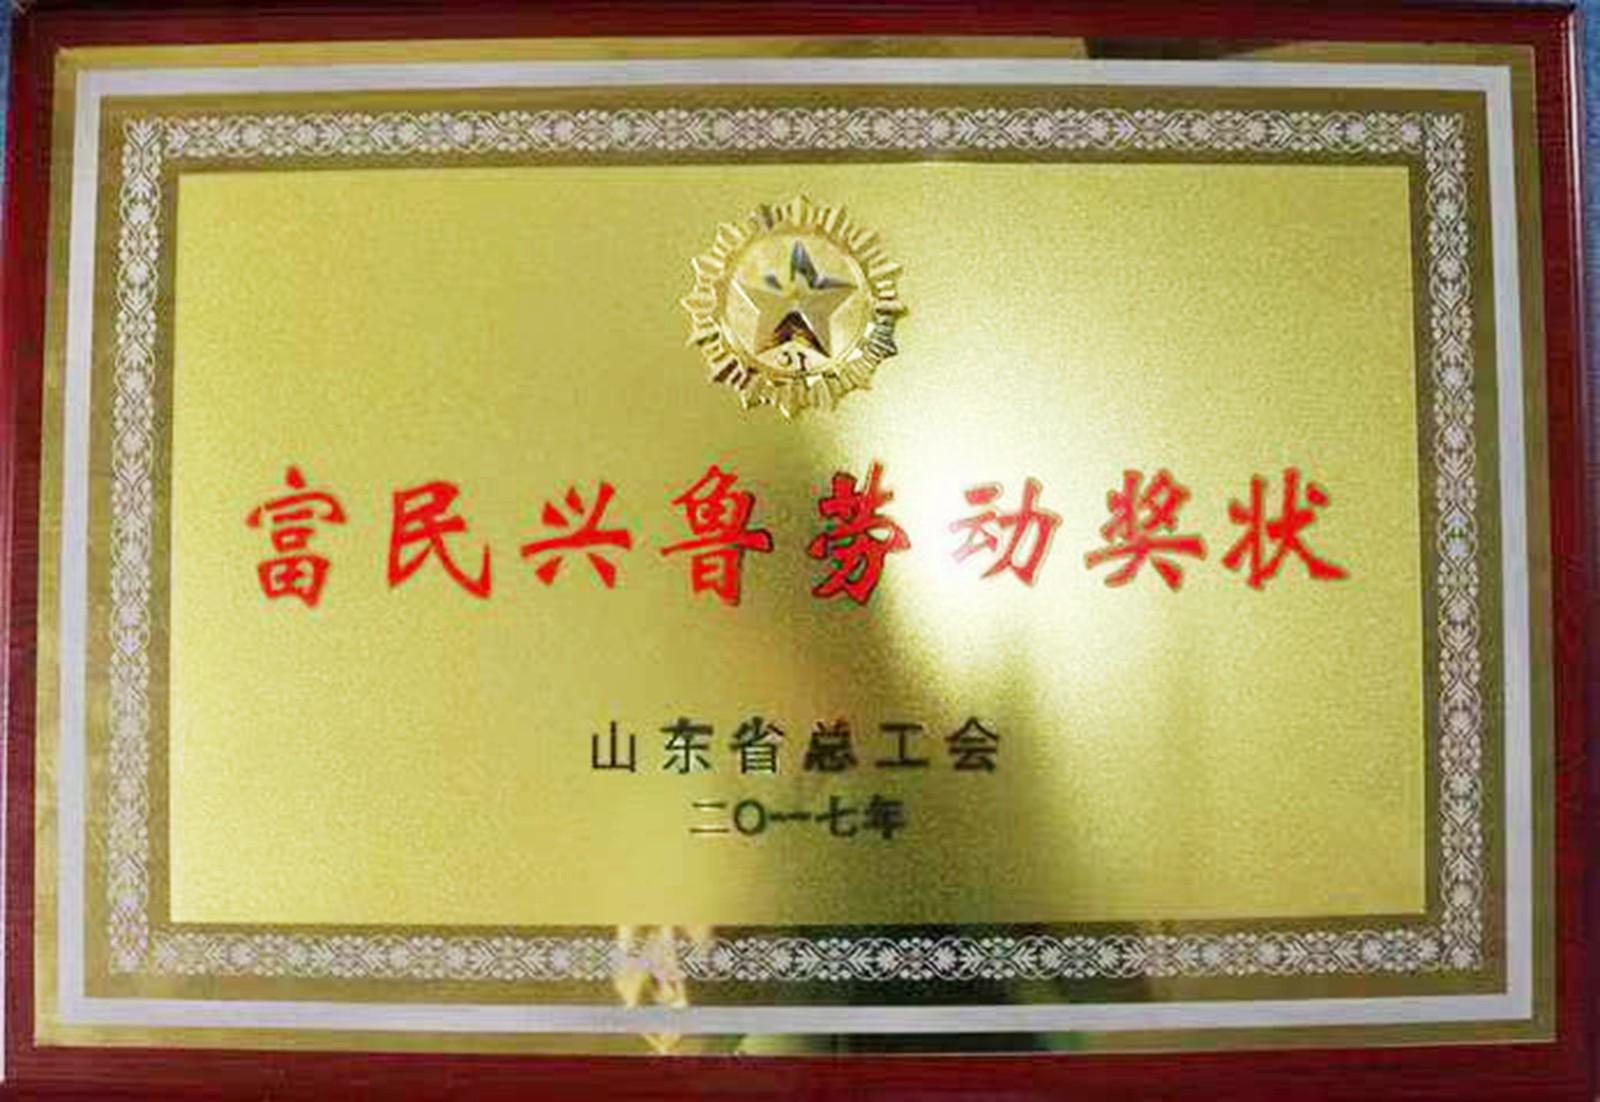 山东省富民兴鲁劳动奖状